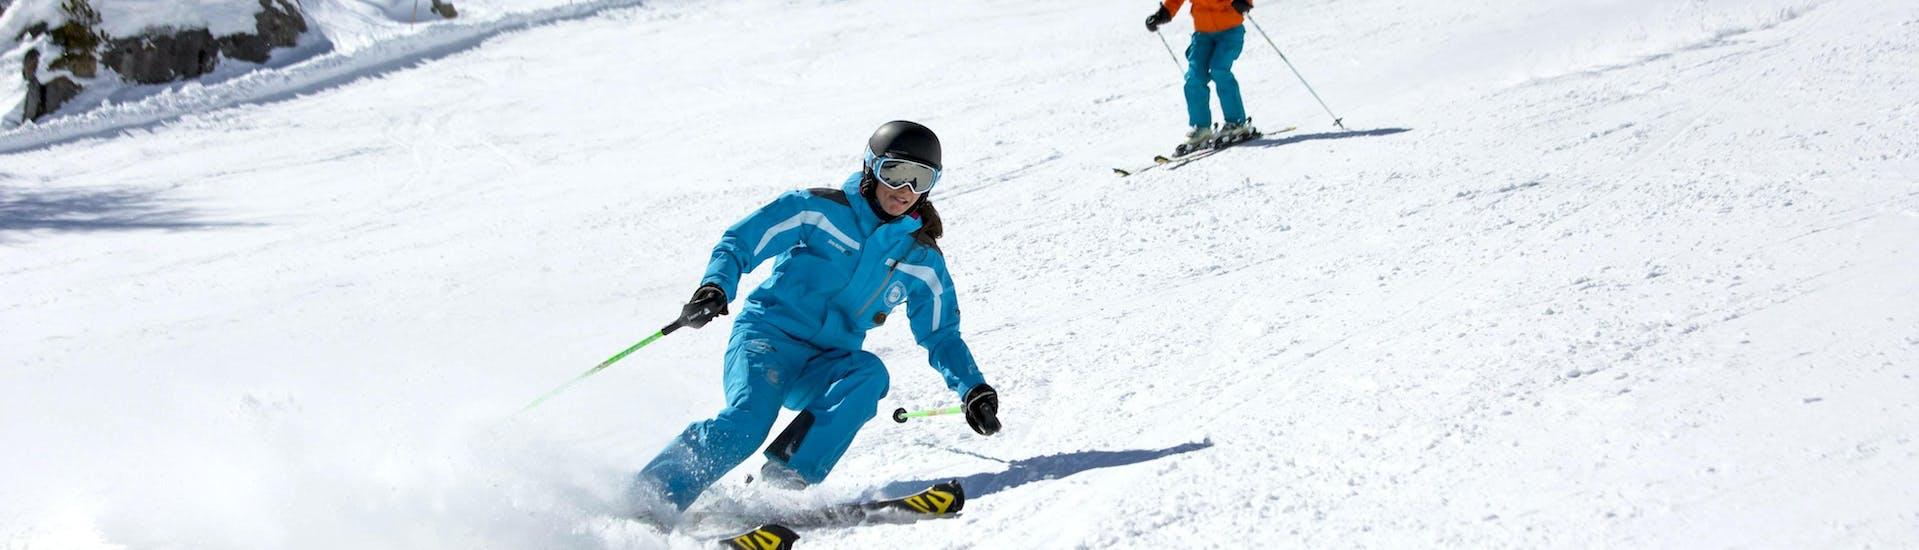 Un skieur descend une piste enneigée à la suite de son moniteur de ski de l'école de ski ESI Font Romeu pendant son Cours particulier de ski Adultes - Vacances - Tous niveaux.